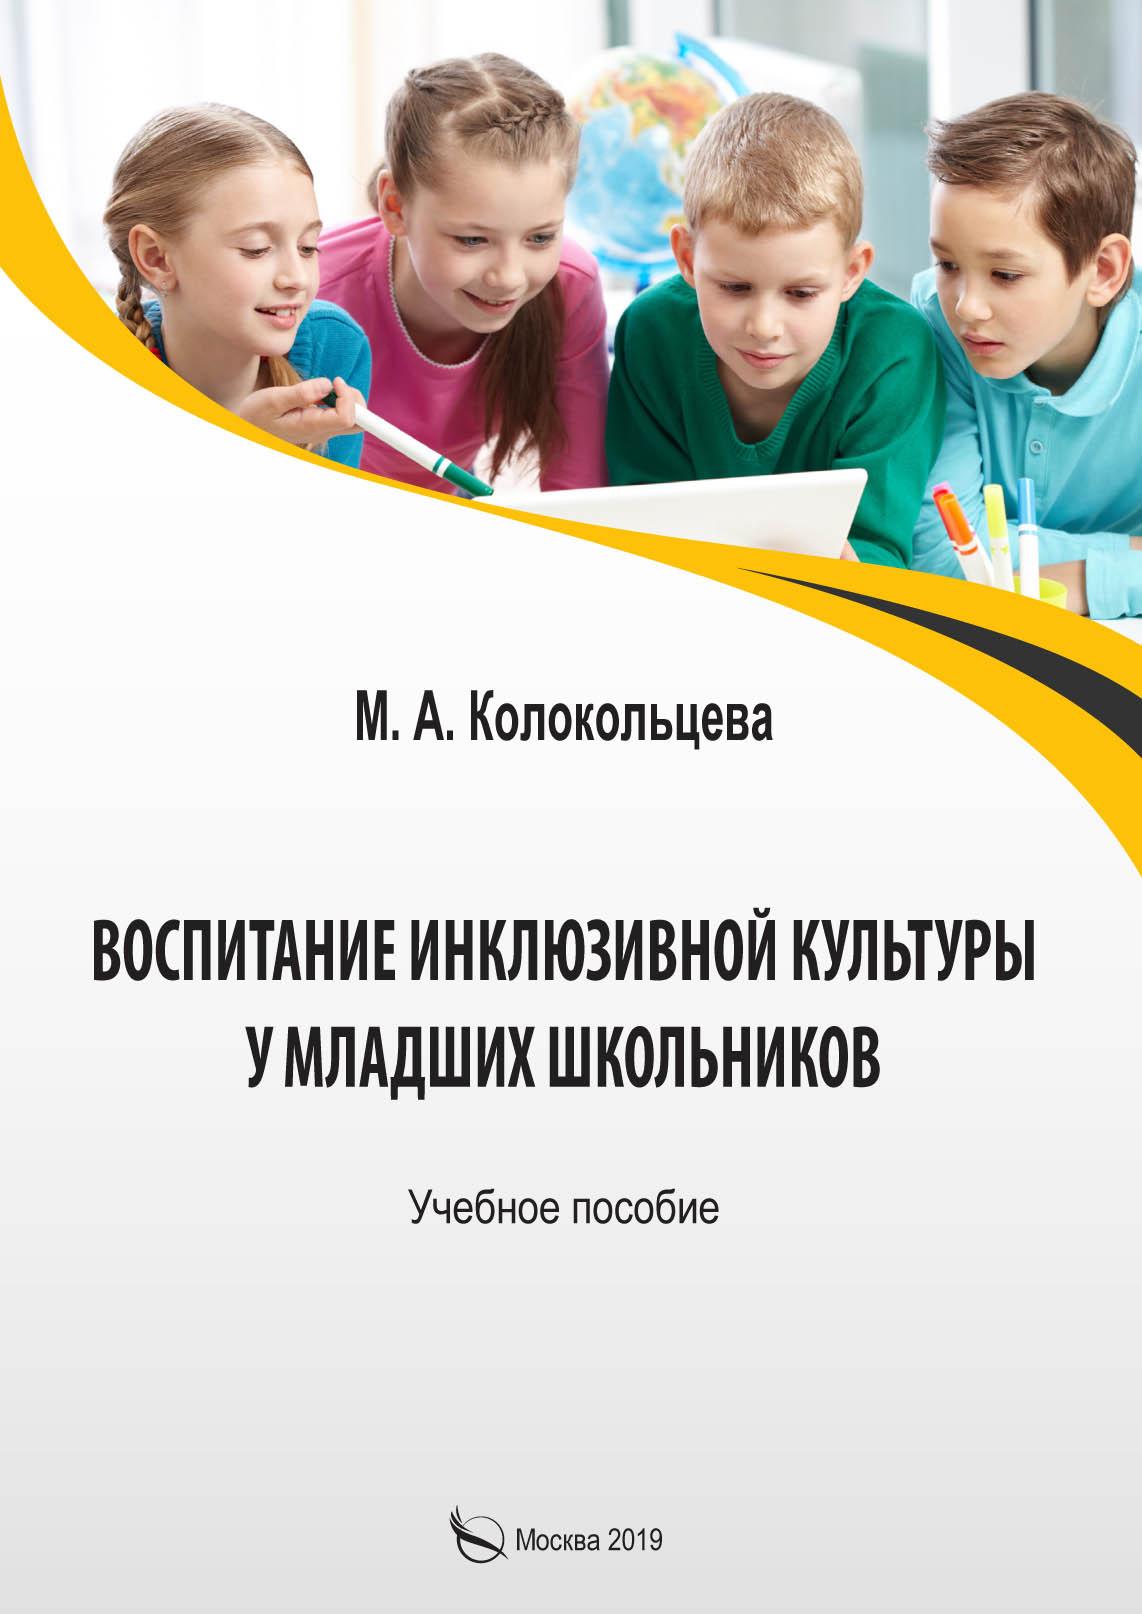 М. А. Колокольцева Воспитание инклюзивной культуры у младших школьников цена